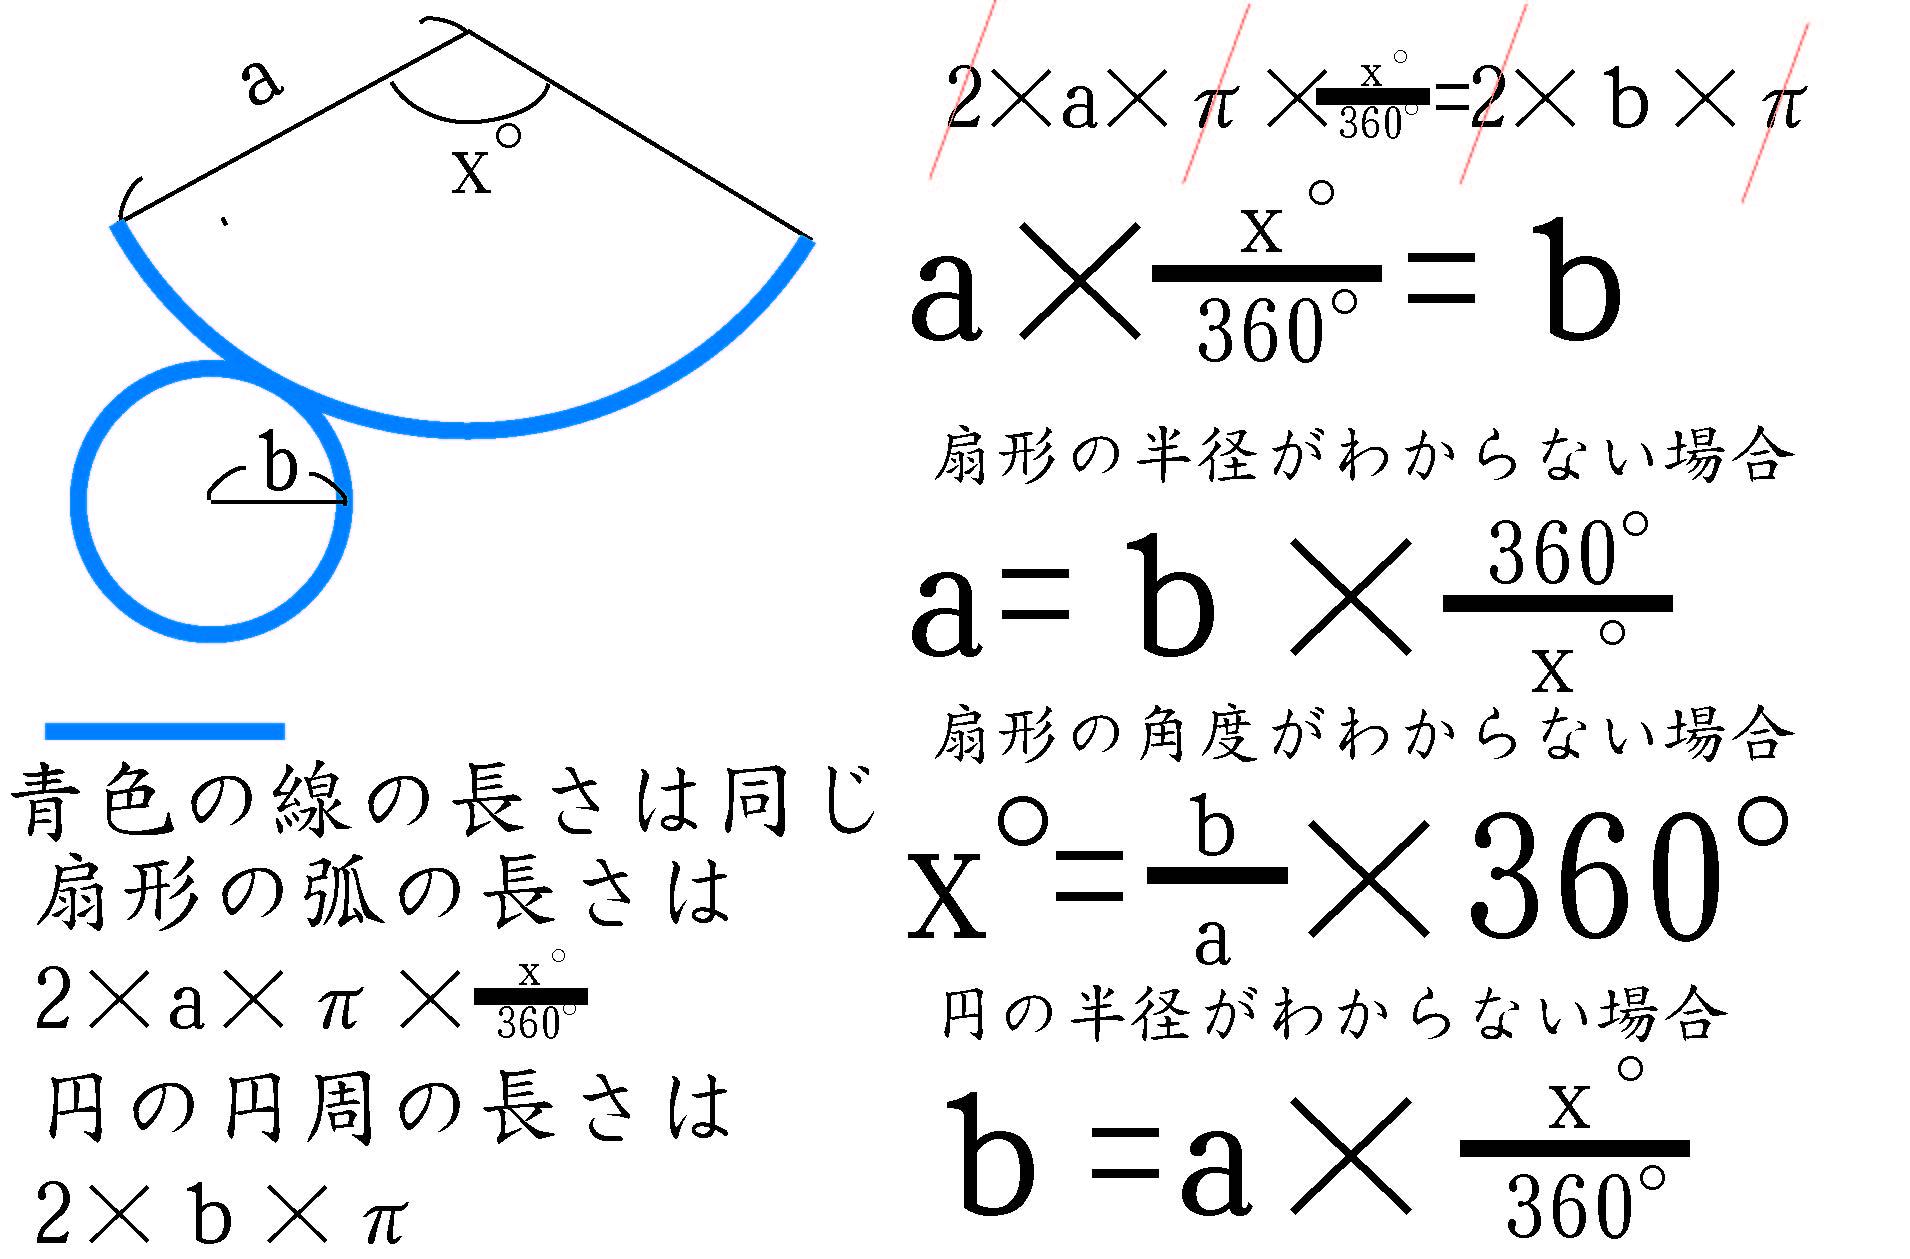 円錐の表面積の問題